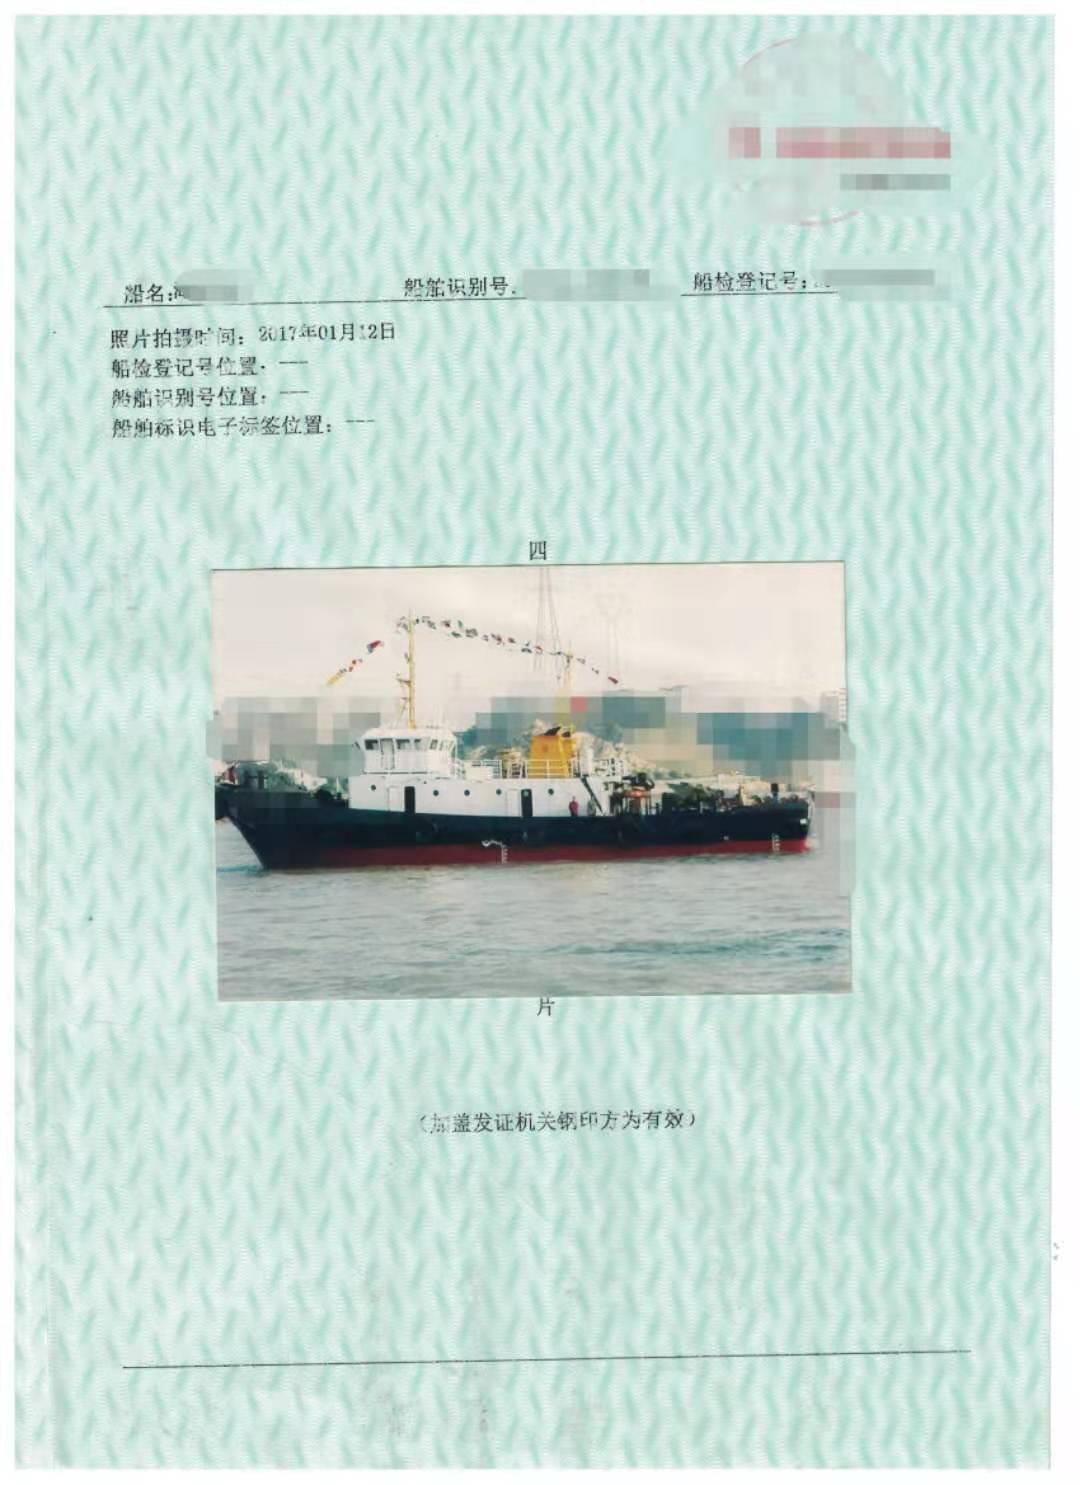 出售2640马力拖船